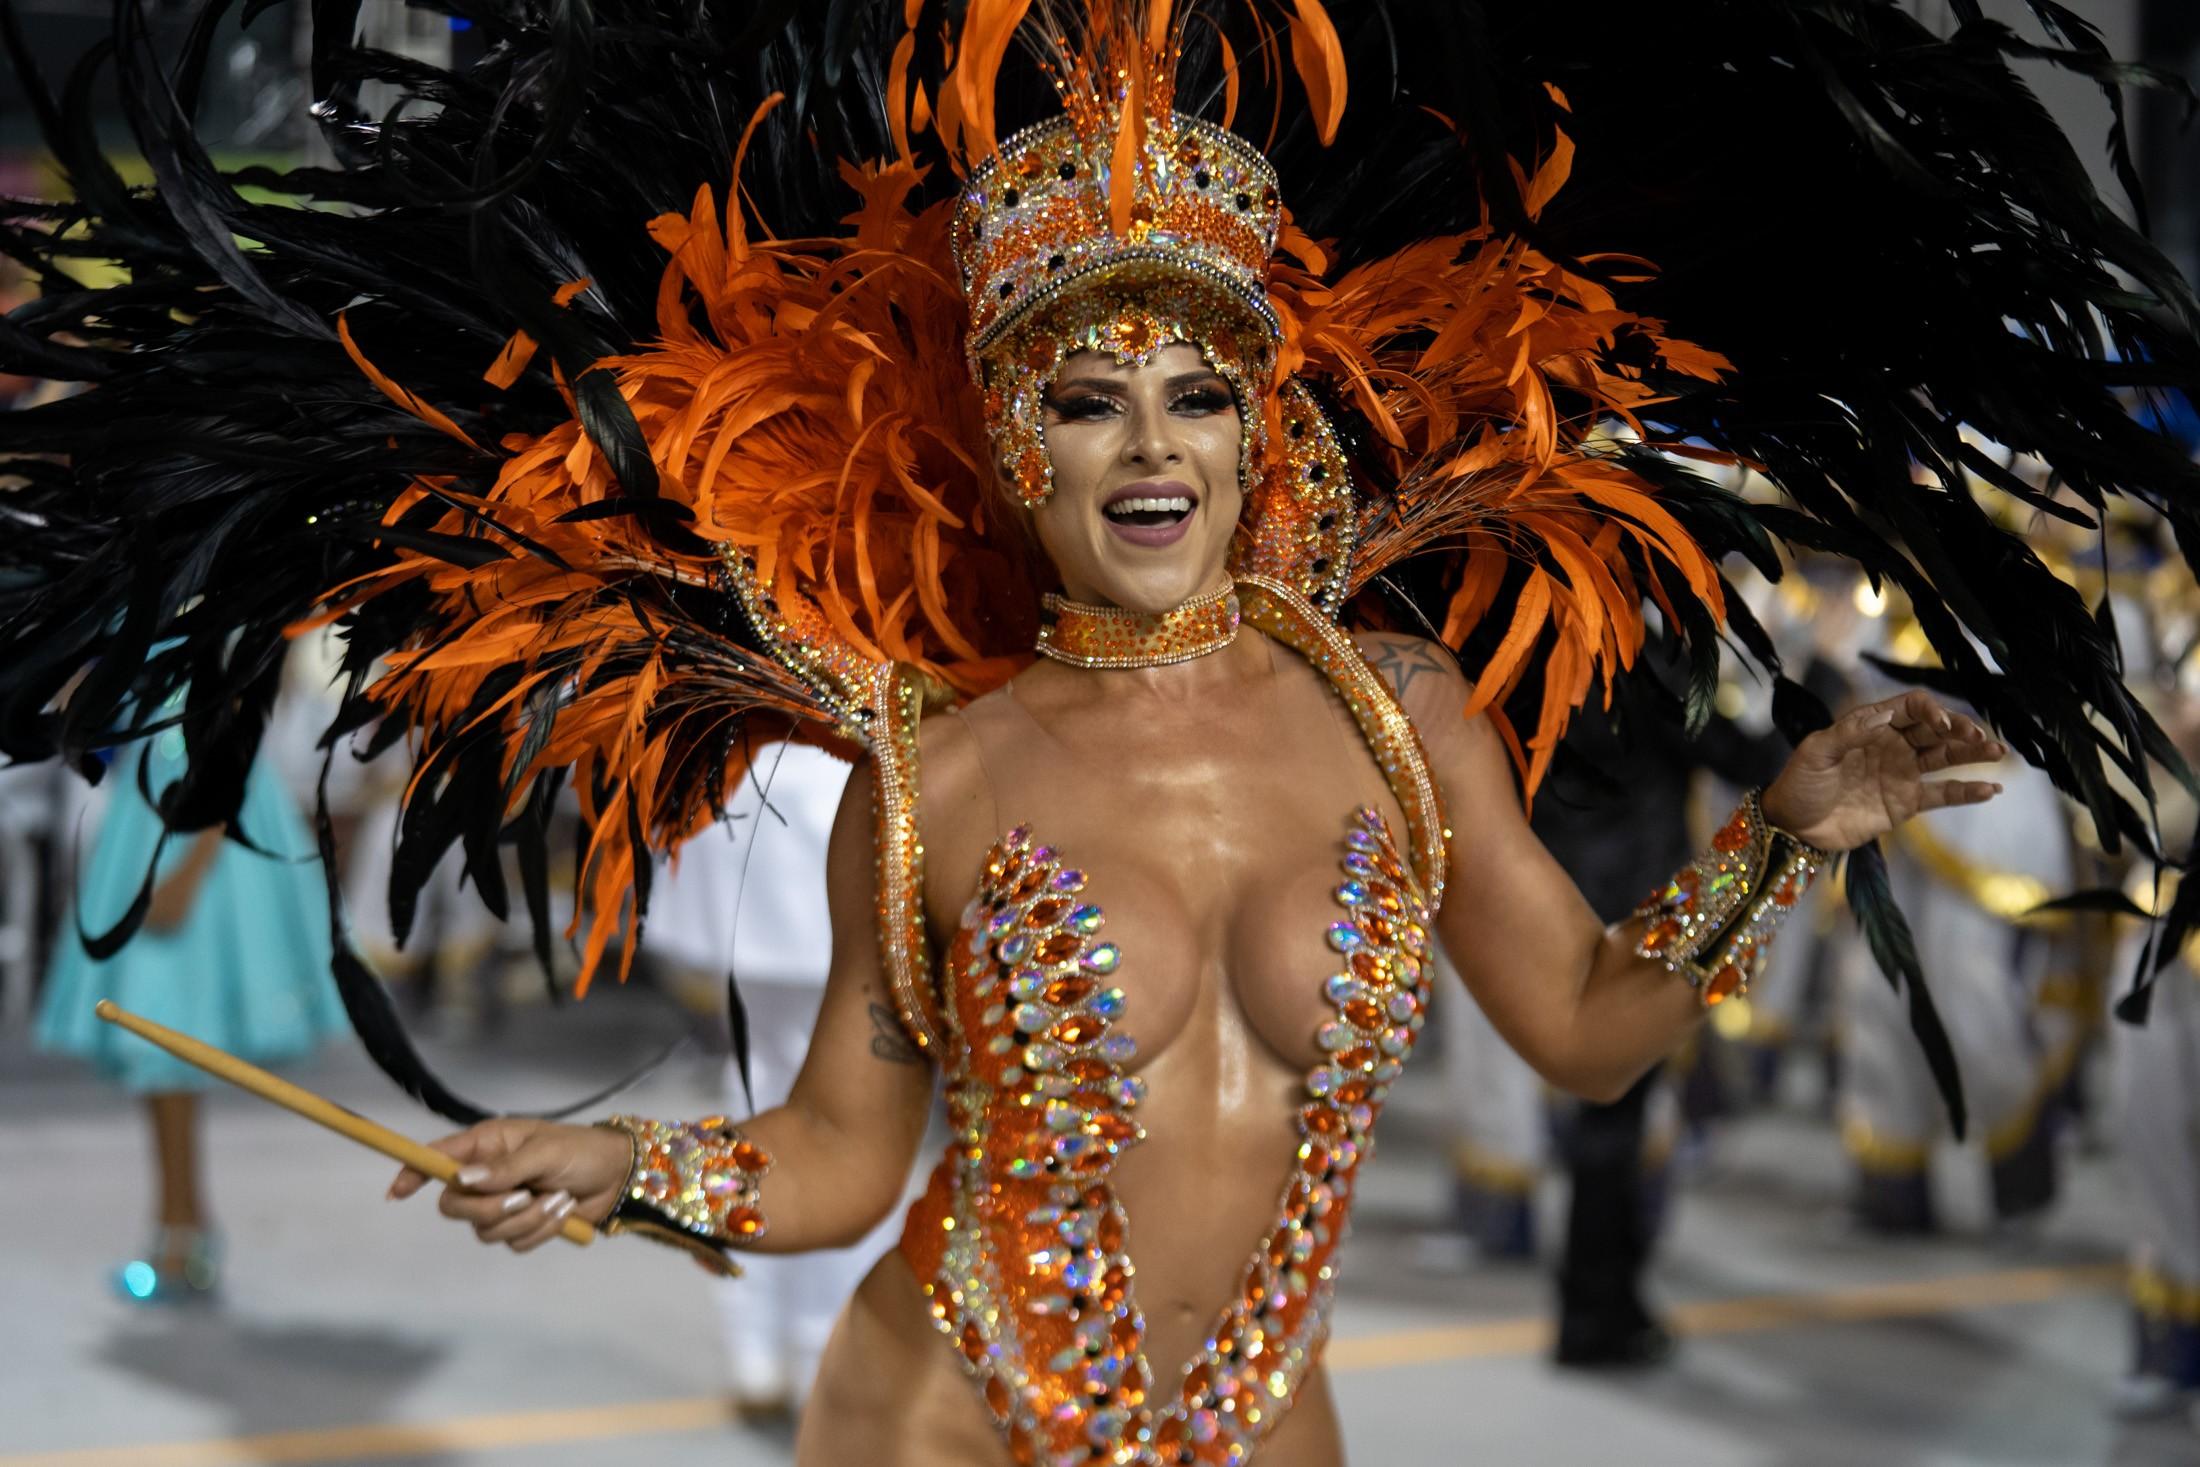 Ana Paula Minerato após desfile: 'Eu pulo muito e as coisas vão saindo'